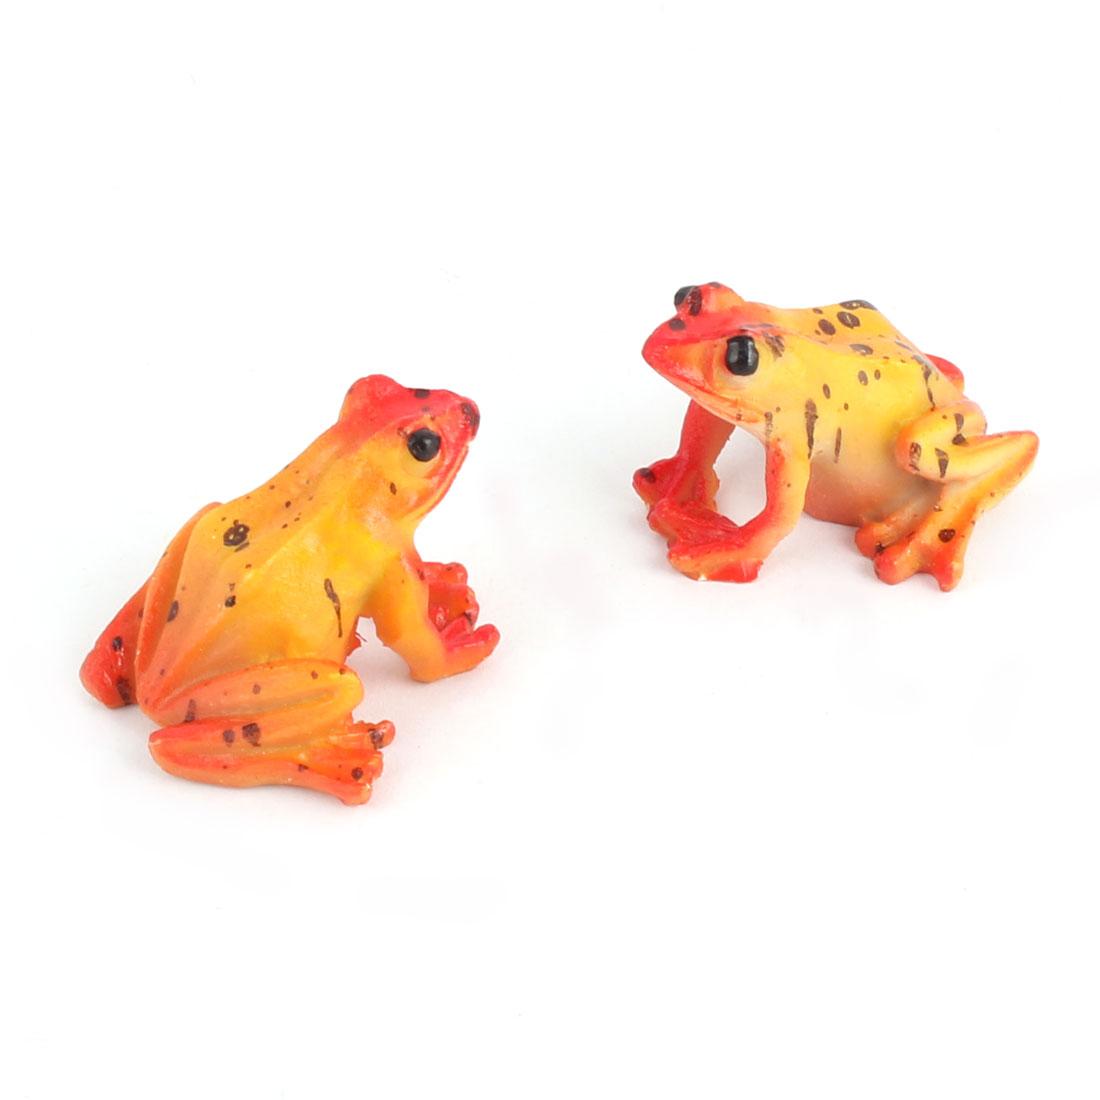 Aquarium Fish Tank Ceramic Artificial Simulated Frog Decoration Orange Red 2 Pcs